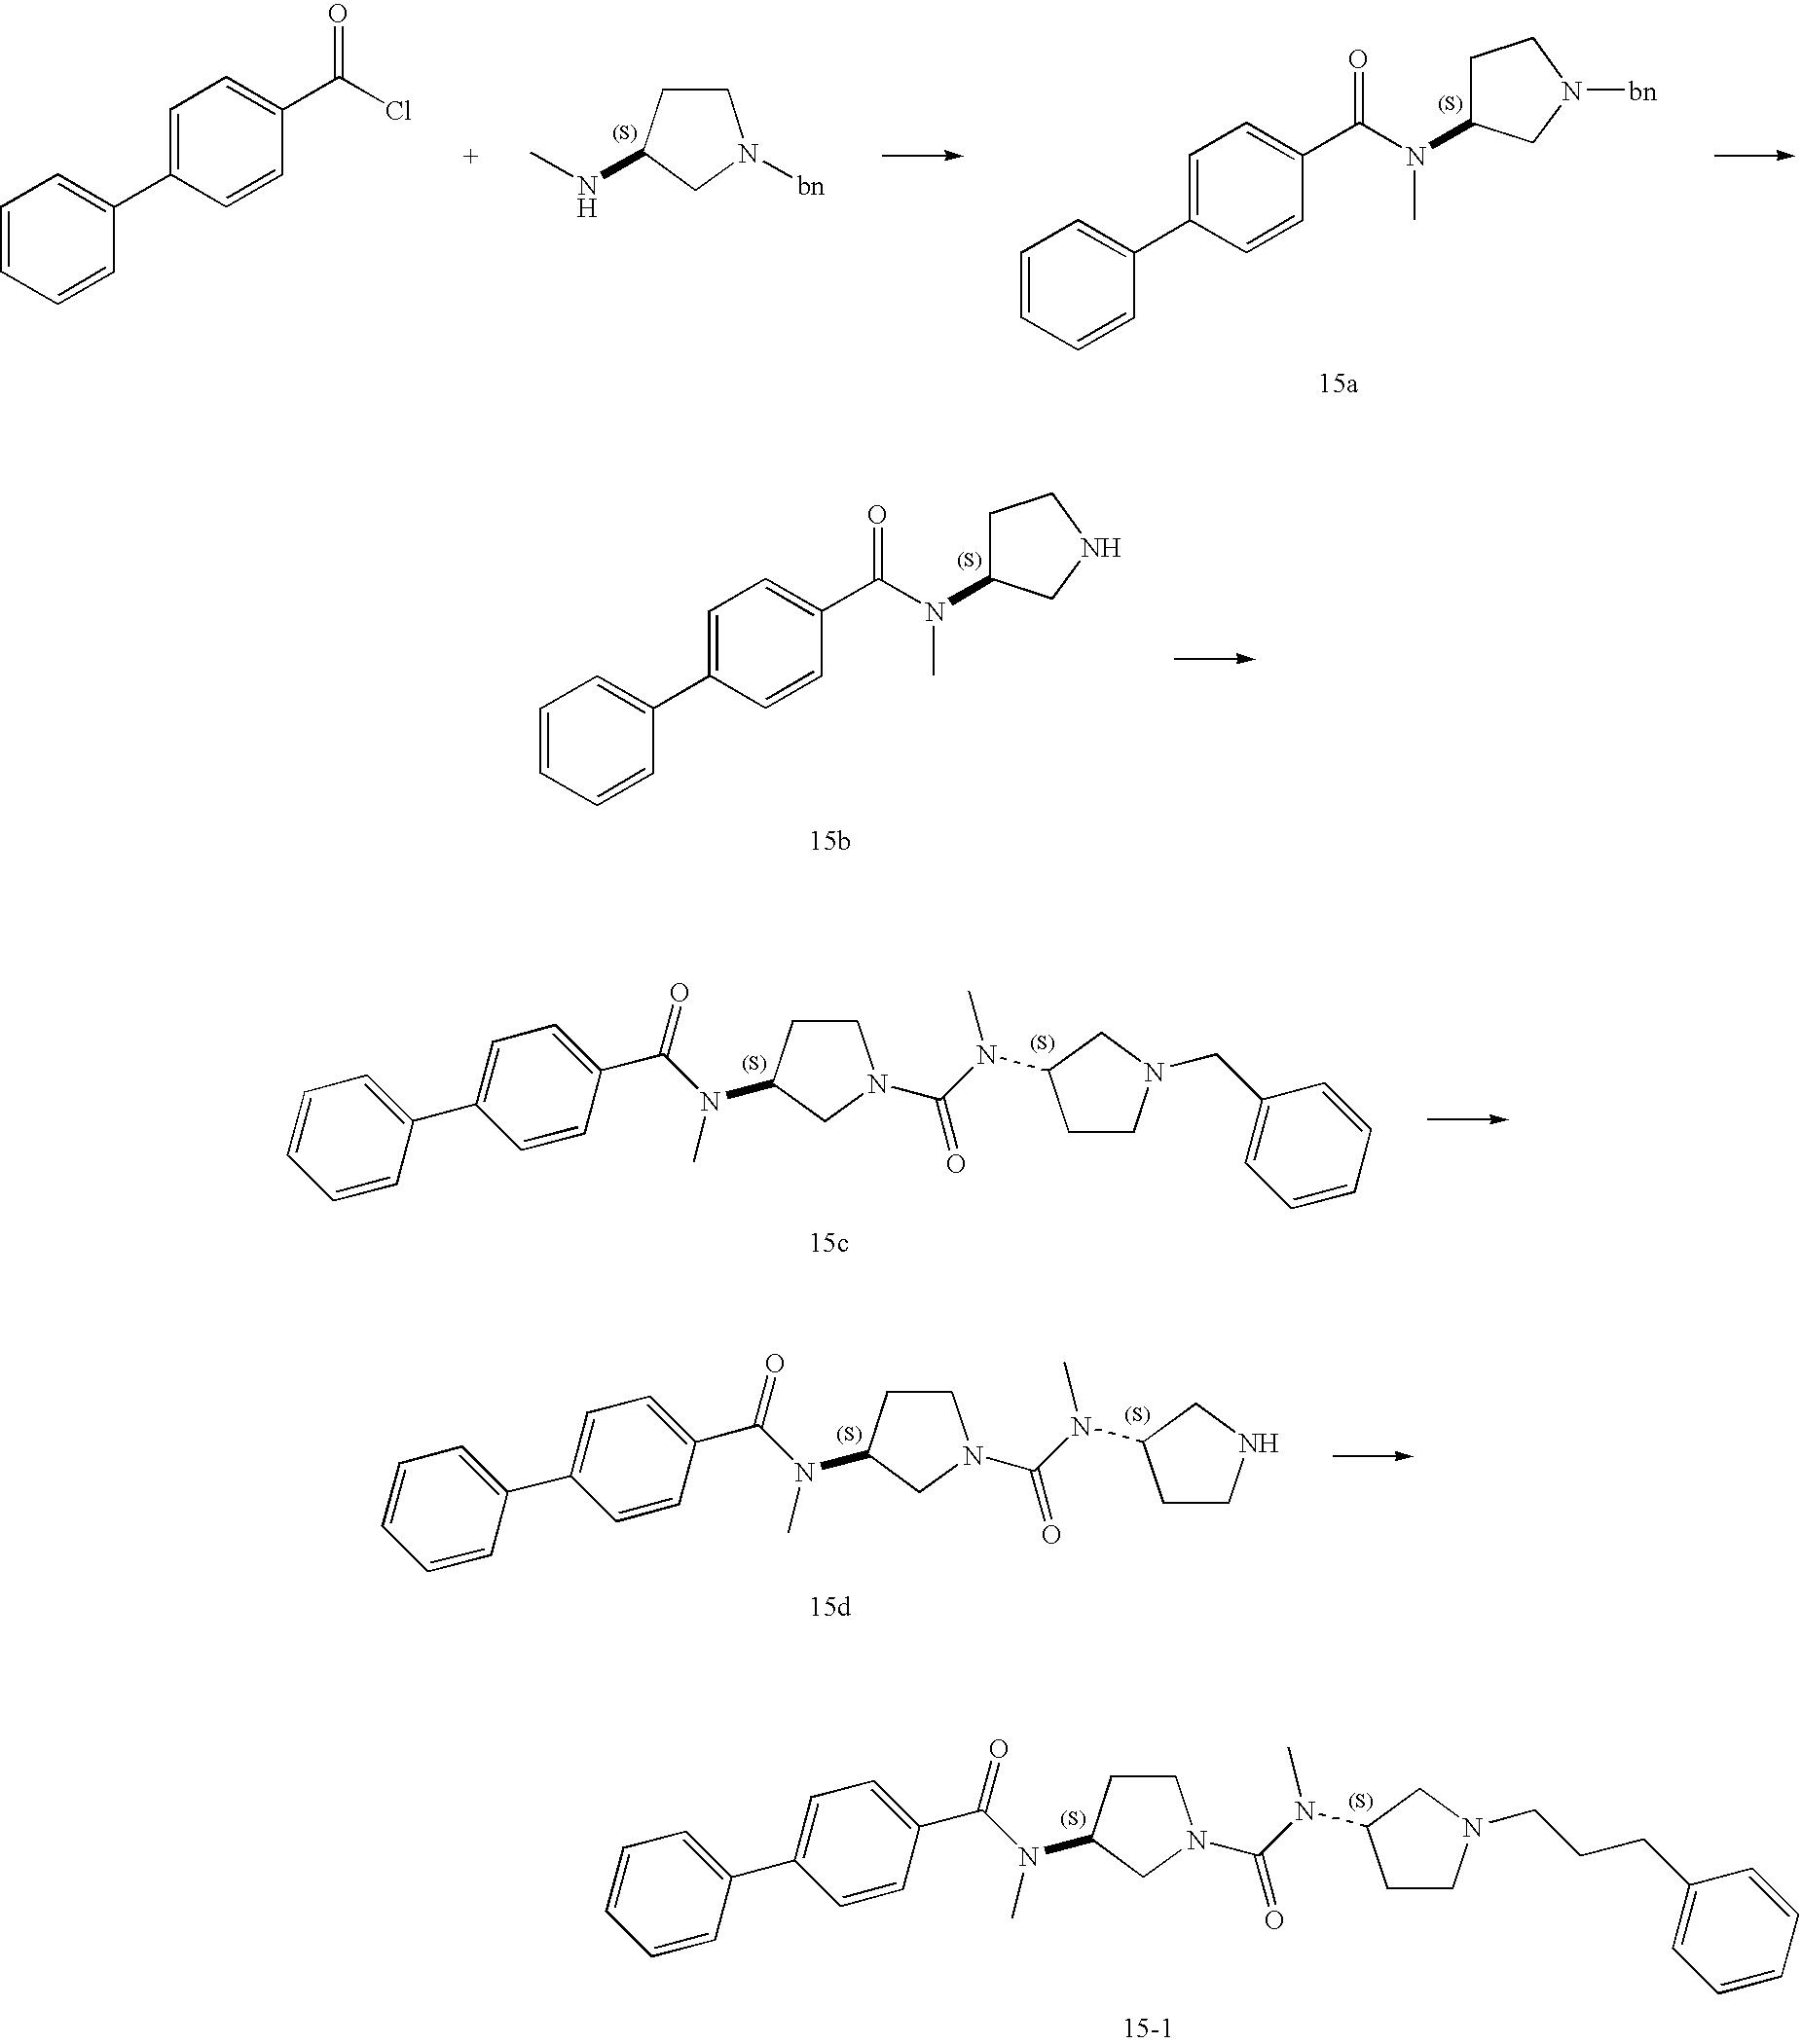 Figure US20060178403A1-20060810-C00347